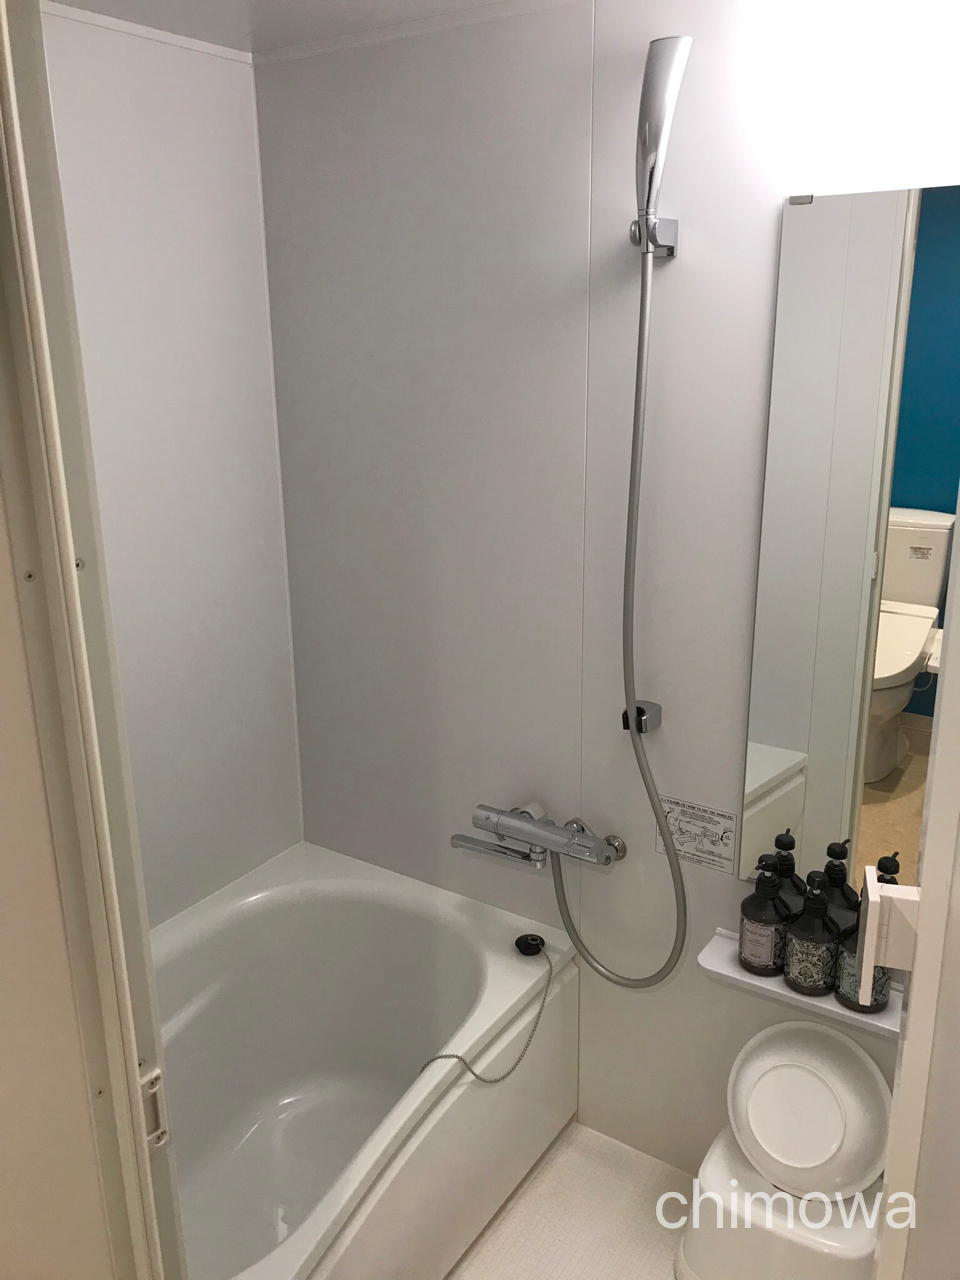 ラ・ジェント・ホテル東京ベイ シャワー・洗面器・イス・シャンプーなどバスルームの写真